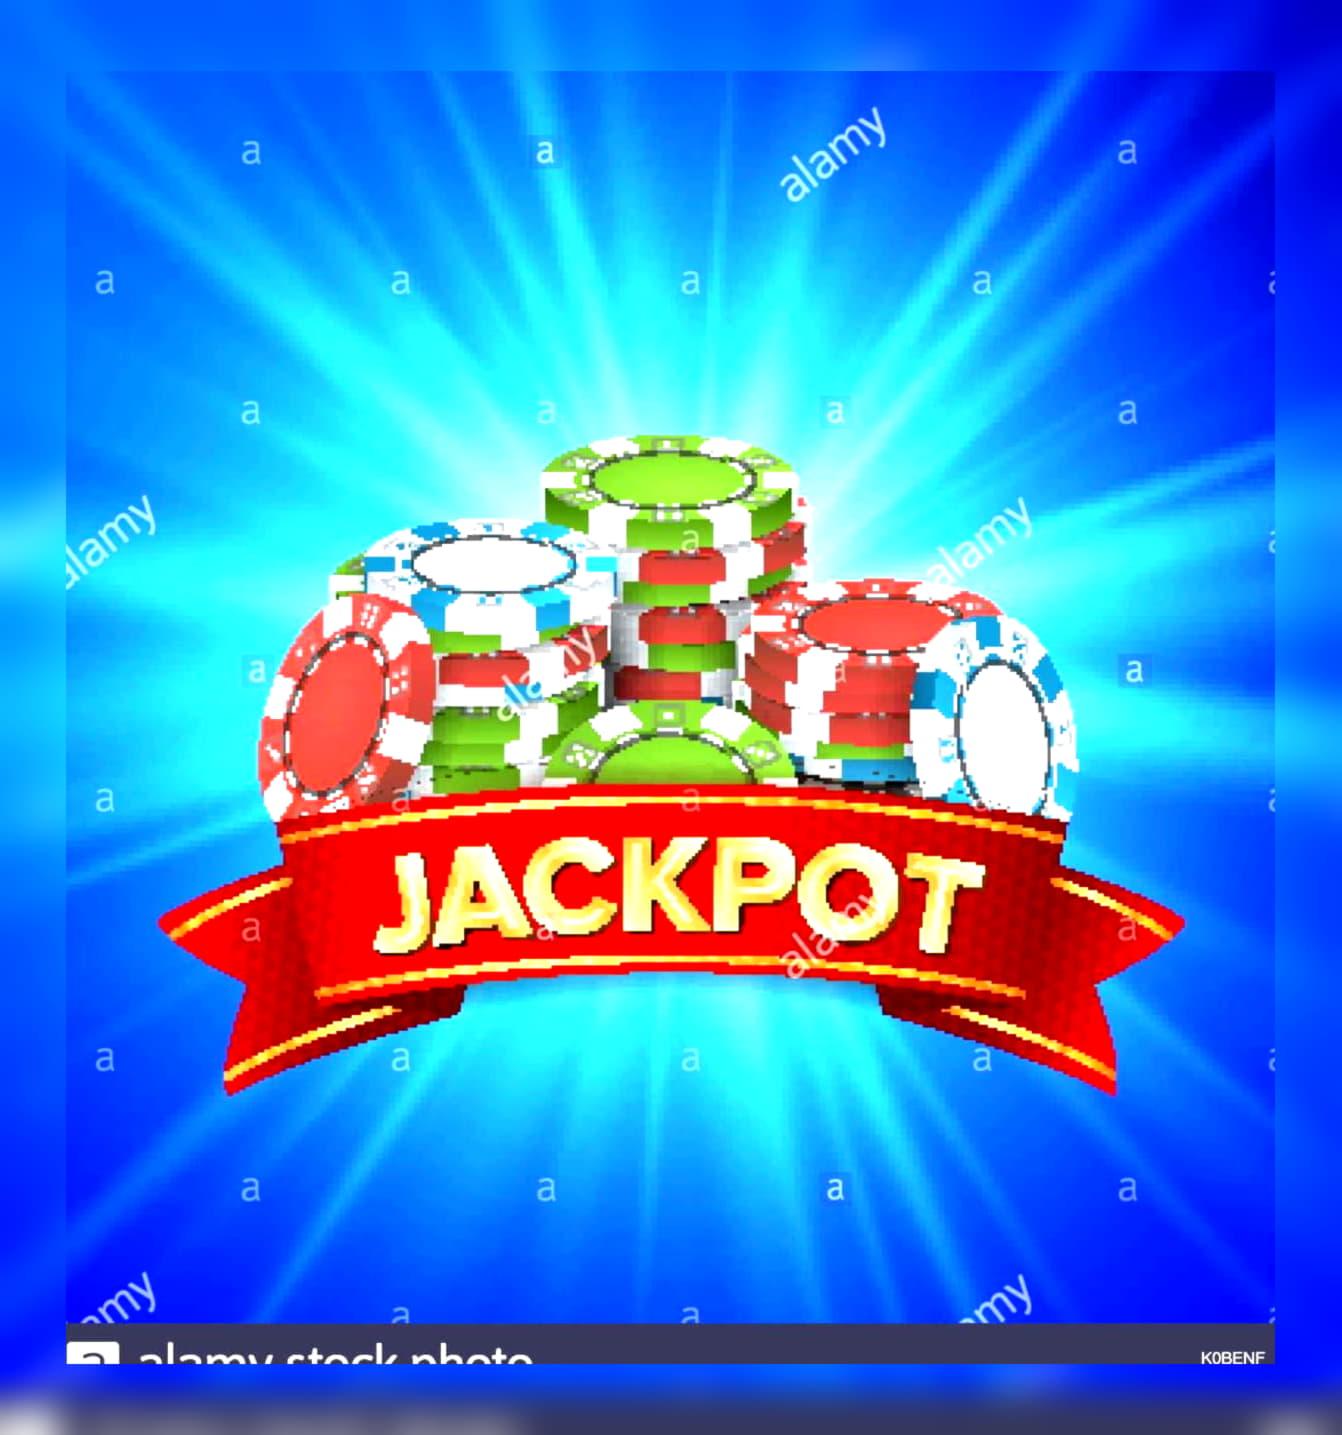 € 115 ทัวร์นาเมนต์คาสิโนฟรีที่ Planet 7 Casino